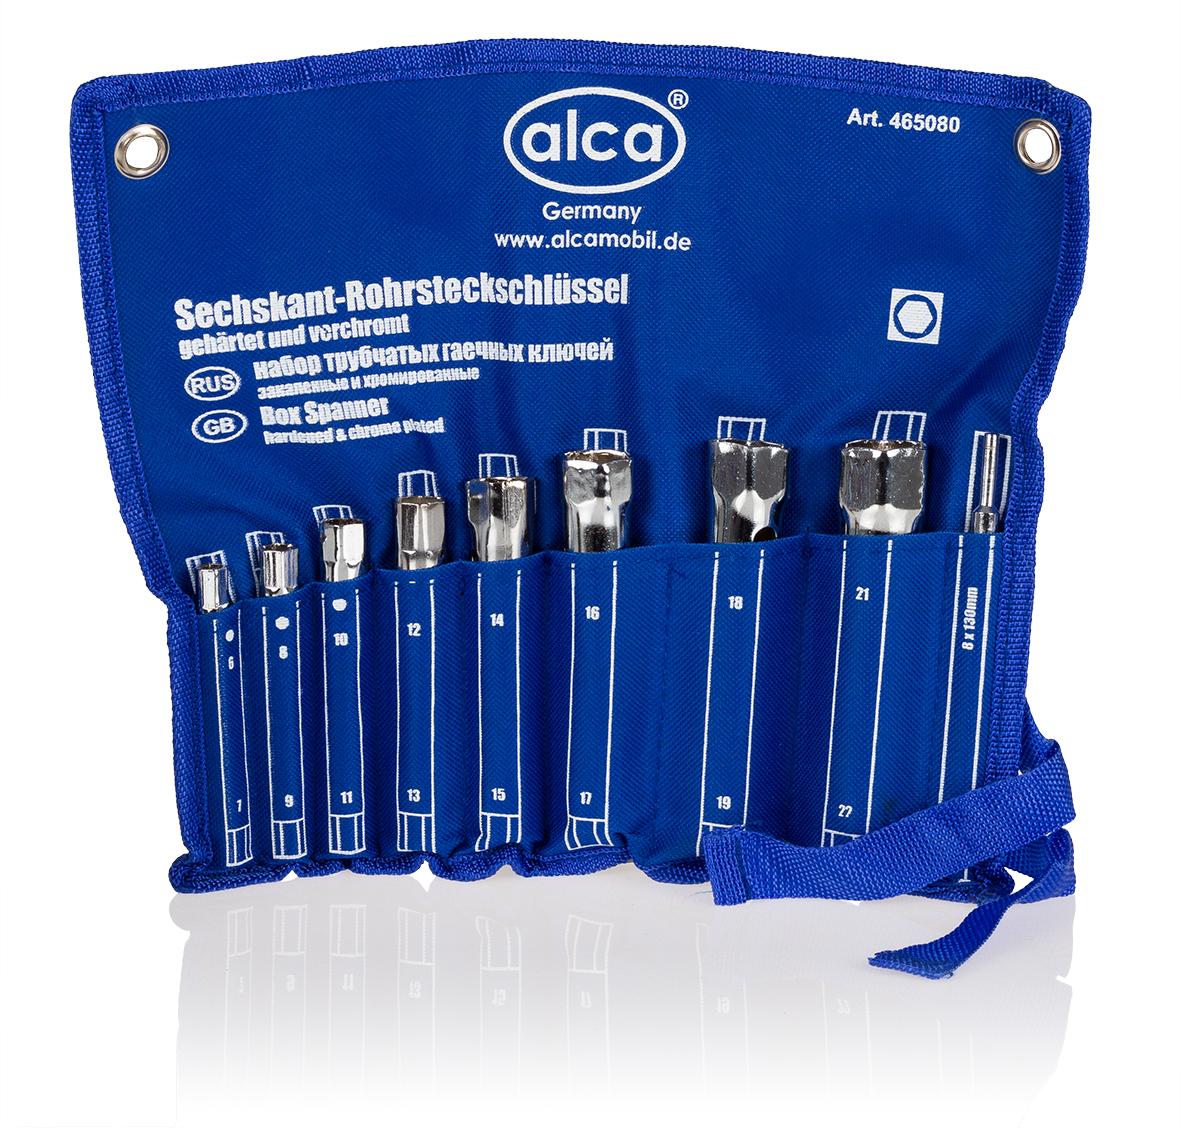 Набор трубчатых гаечных ключей Alca, 16 размеров, 8 шт465080Набор трубчатых гаечных ключей Alca применяется для монтажа и демонтажа резьбовых соединений. Изделия выполнены из высококачественной хромированной стали. Для удобной переноски предусмотрена практичная сворачиваемая сумка.В набор входит 8 ключей 16 размеров: 6 мм, 7 мм, 8 мм, 9 мм, 10 мм, 11 мм, 12 мм, 13 мм, 14 мм, 15 мм, 16 мм, 17 мм, 18 мм, 19 мм, 21 мм, 22 мм.